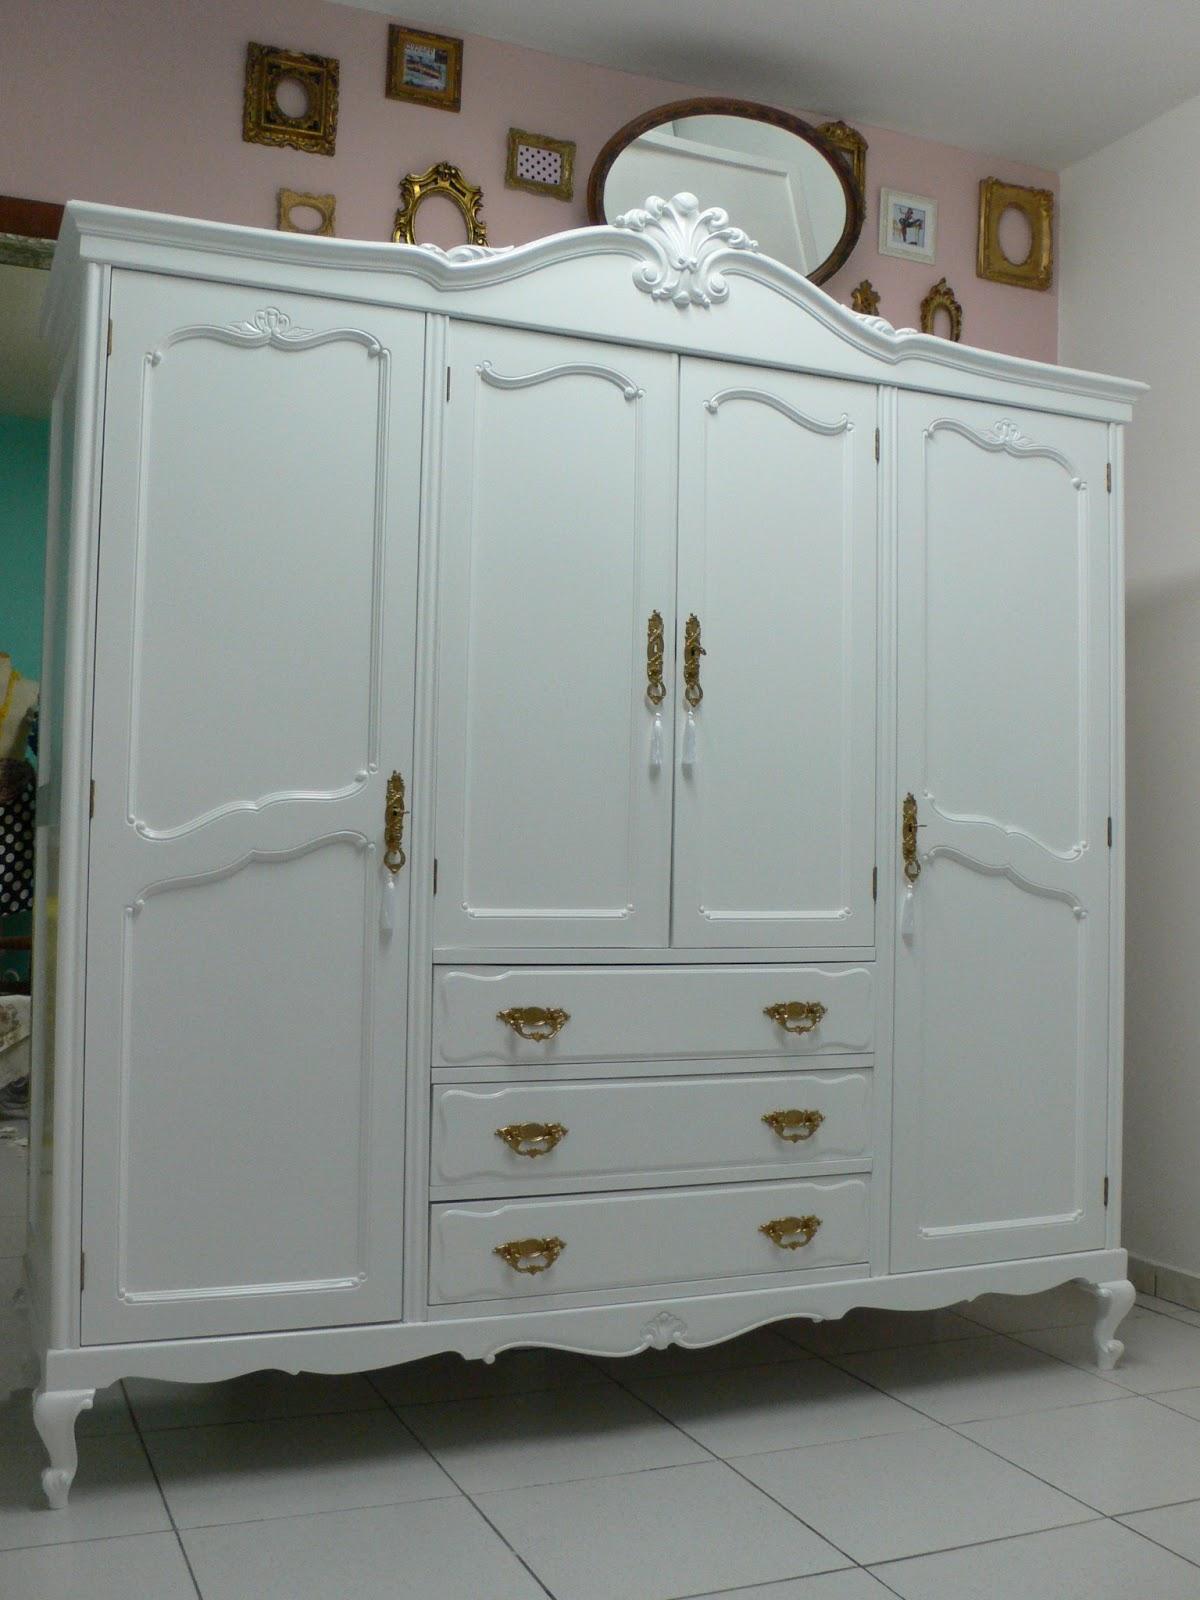 Restaurar Guarda Roupa Antigo : Ateliando customiza??o de m?veis antigos quarto antigo